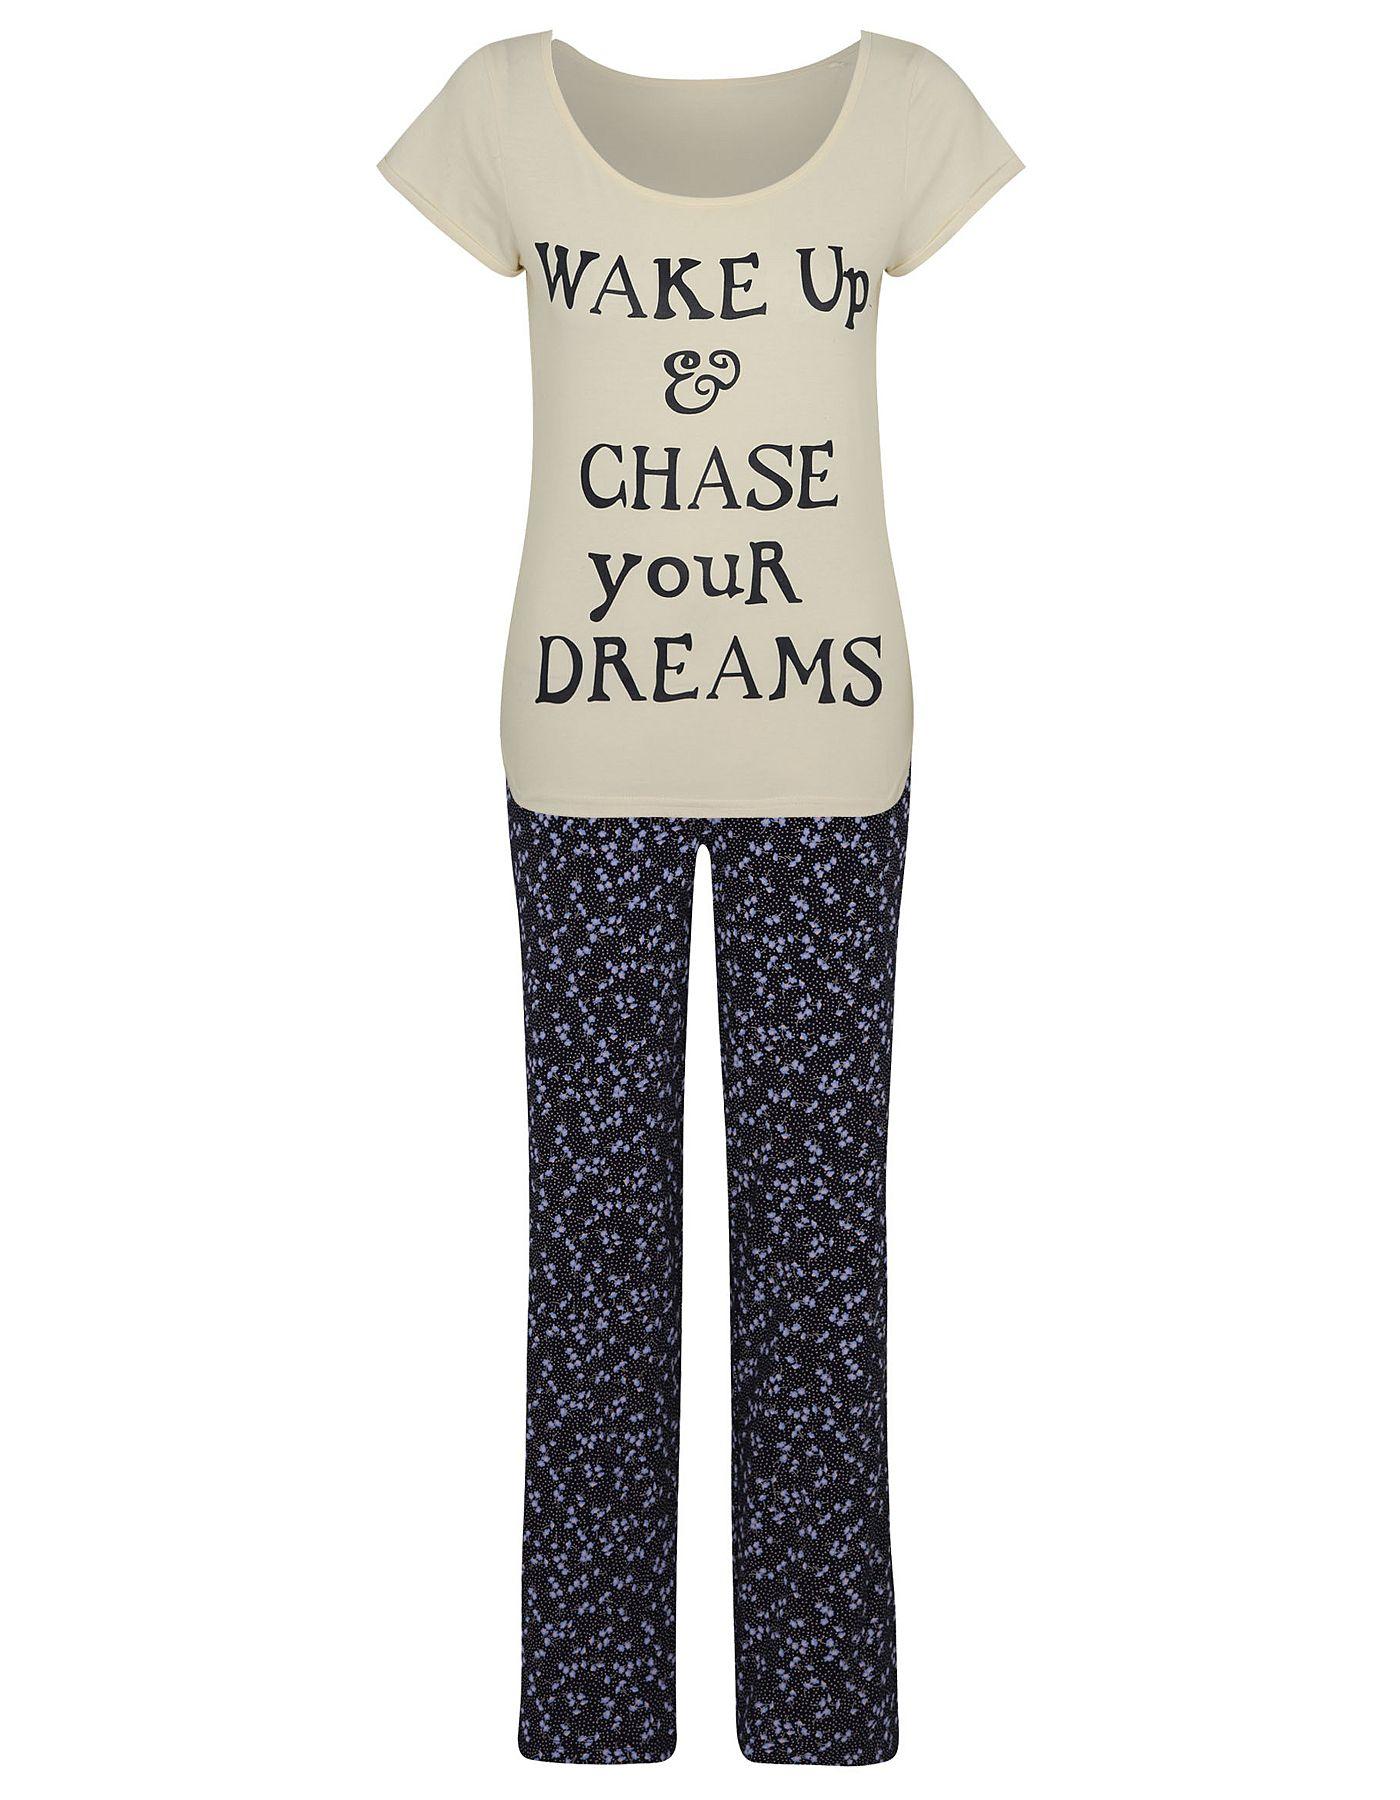 Chase Your Dreams Pyjama Set Women at ASDA